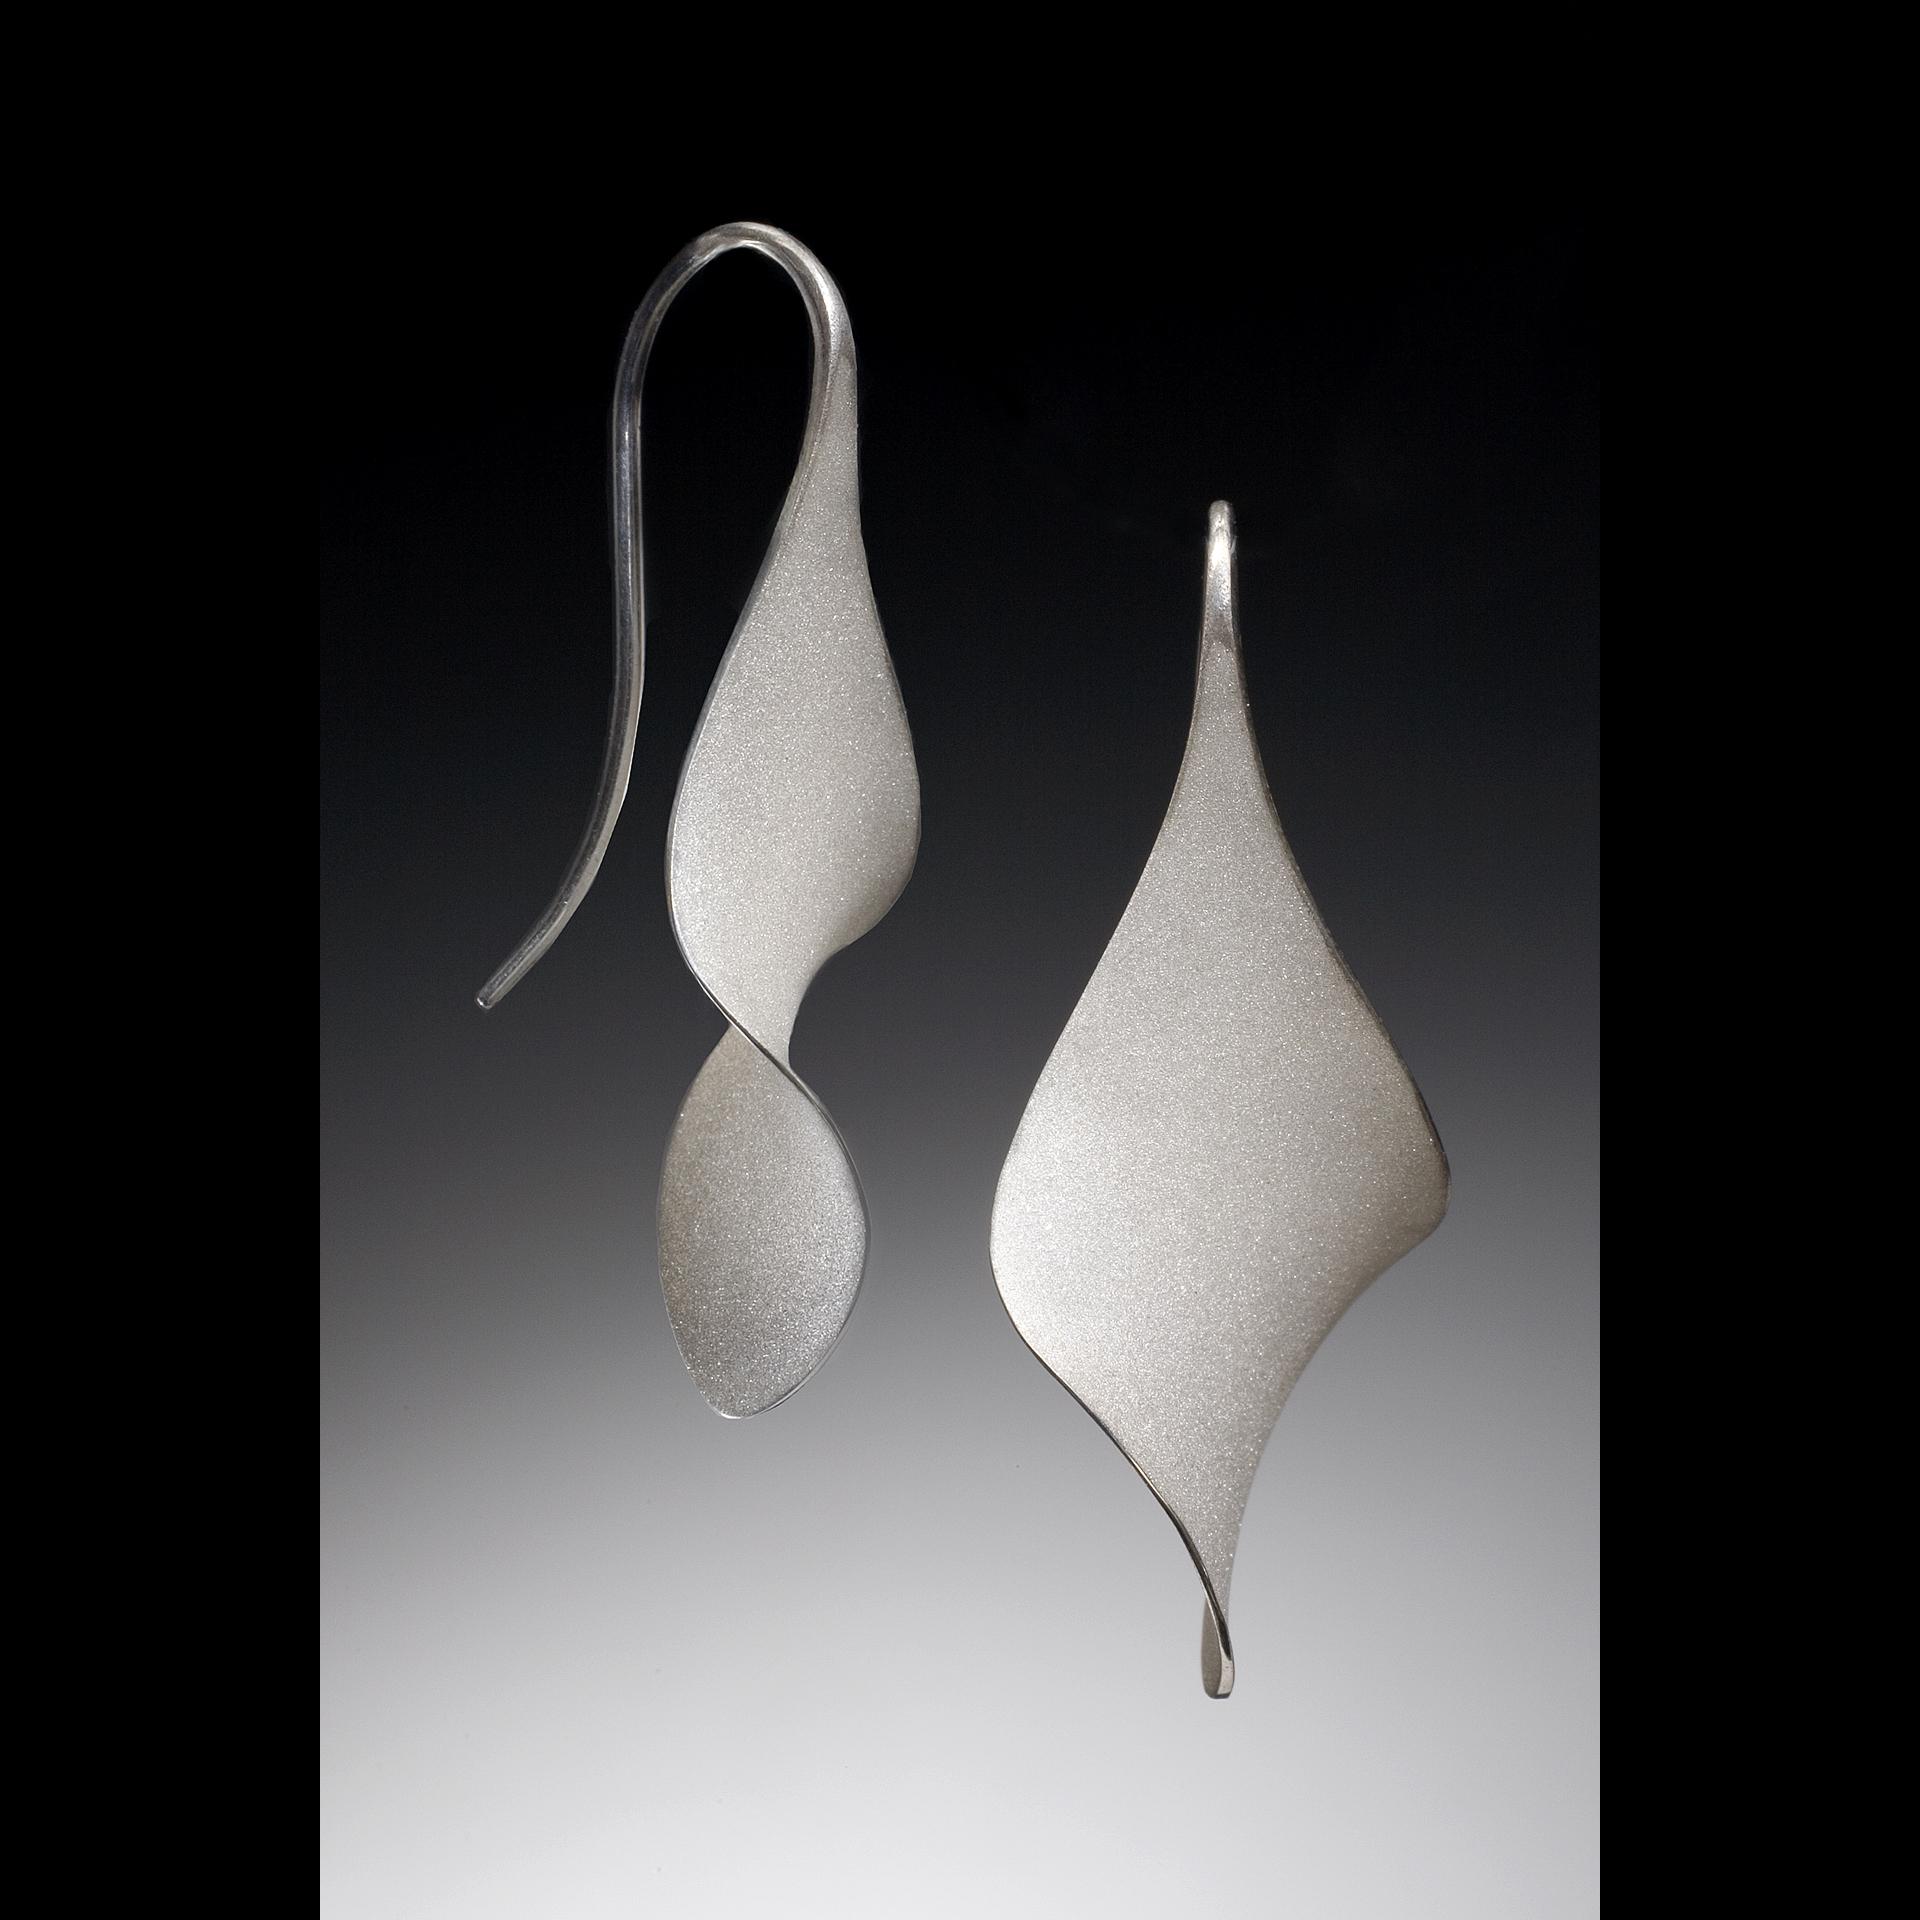 Matte Anticlastic twist earrings